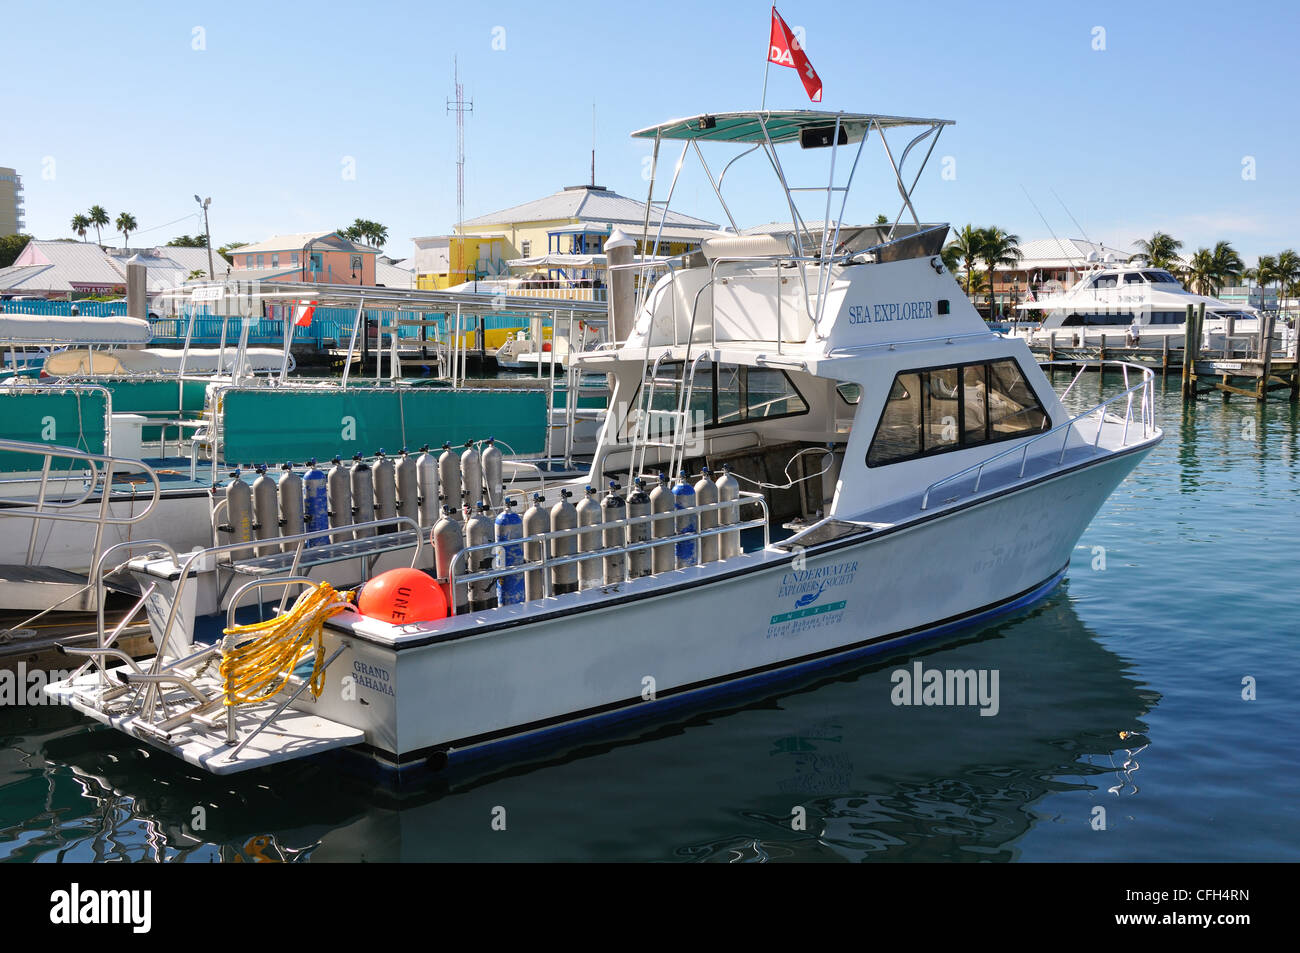 Marina, Freeport, Bahamas - Stock Image